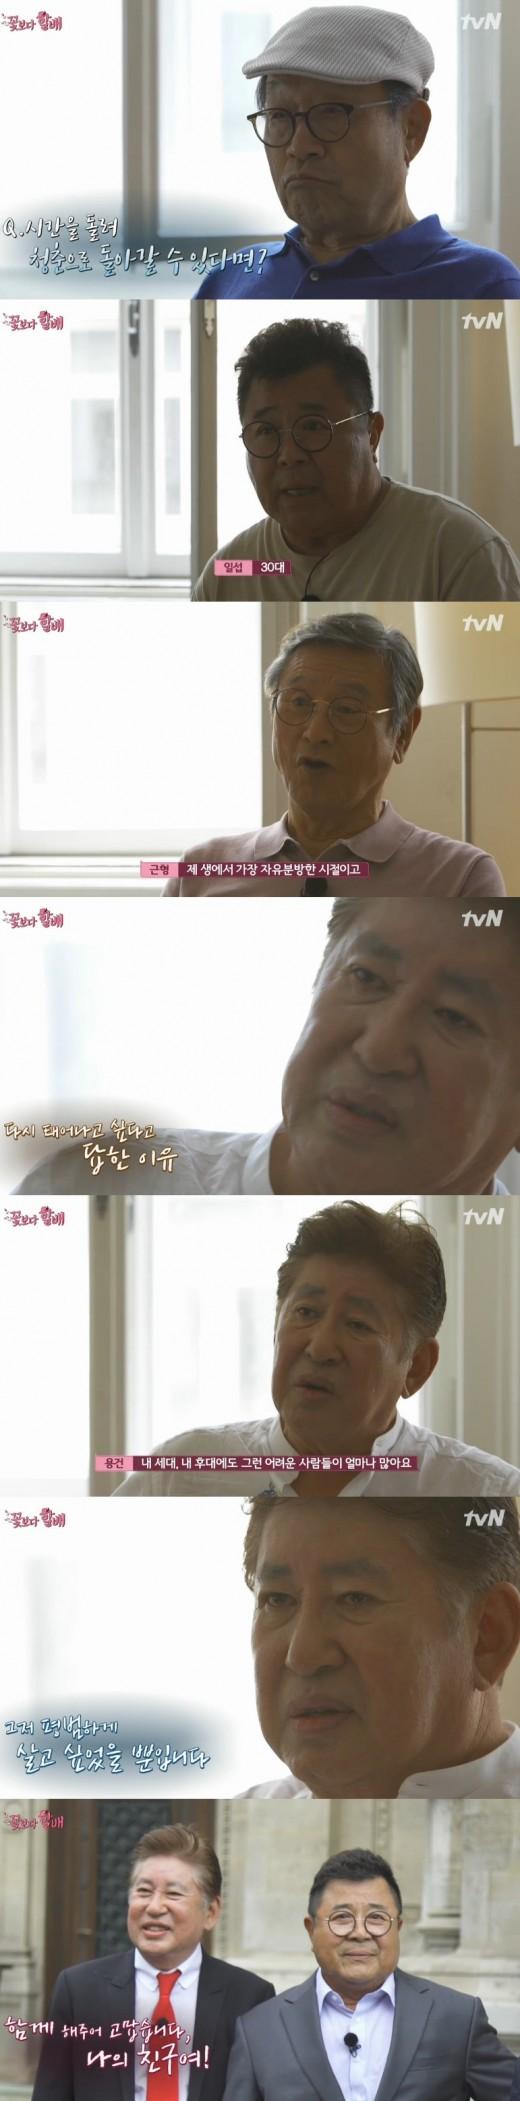 '꽃할배 리턴즈' 동유럽 여행종료, 김용건이 흘린 눈물[종합]